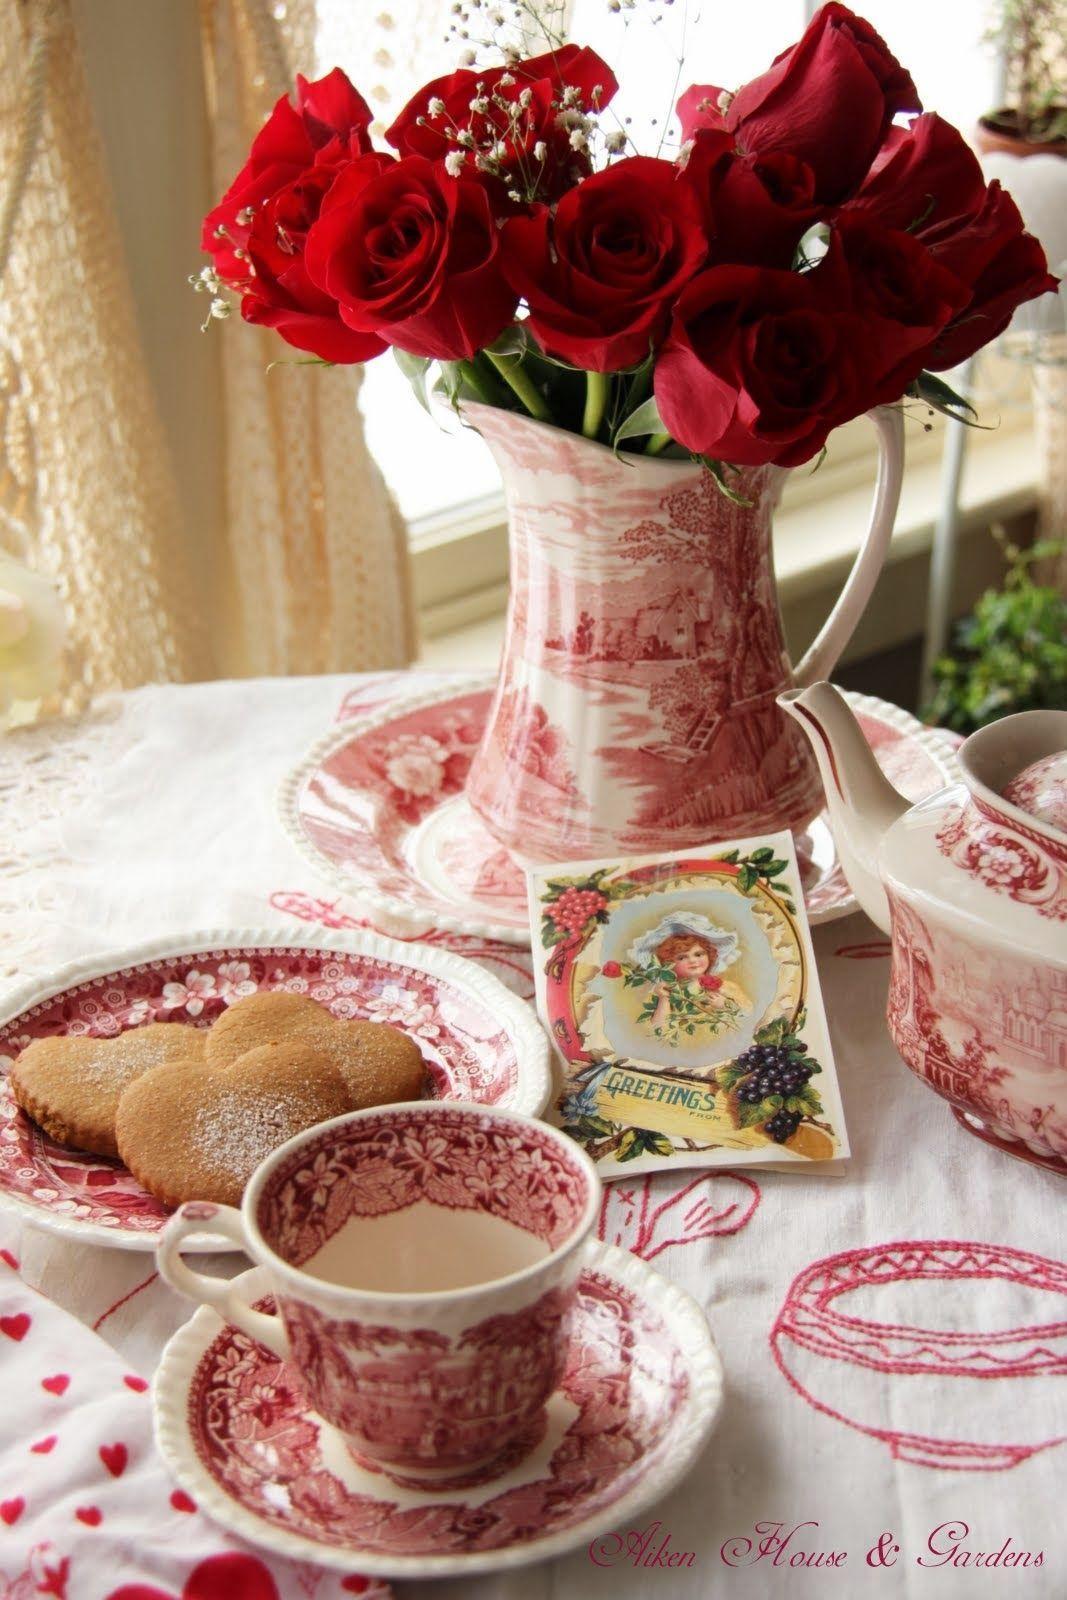 Aiken House & Gardens Red & White Valentine's Day Tea